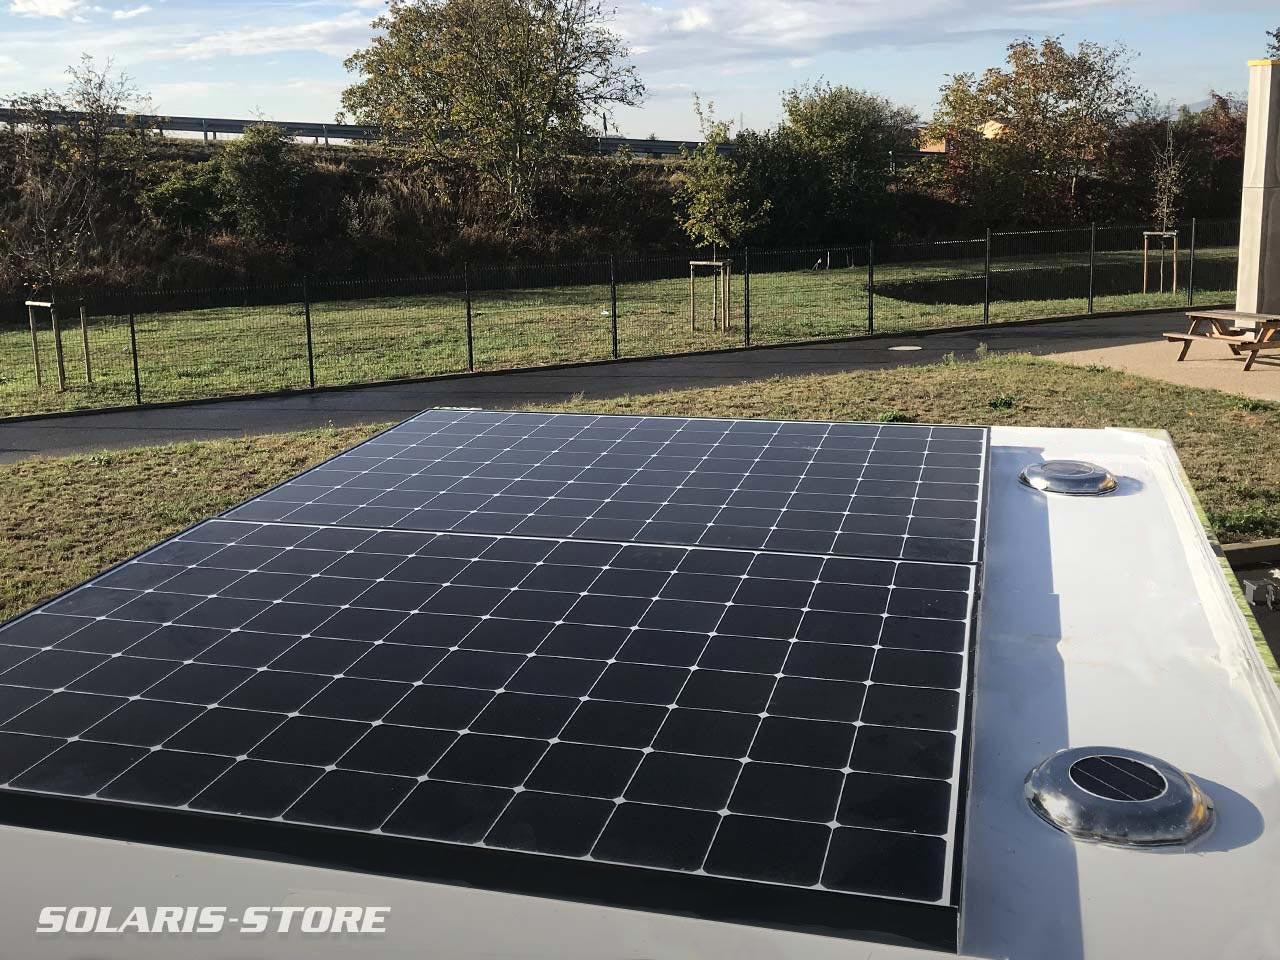 Panneau photovoltaïque permettant d'alimenter des toilettes solaires autonomes et nomades pour divers évènements